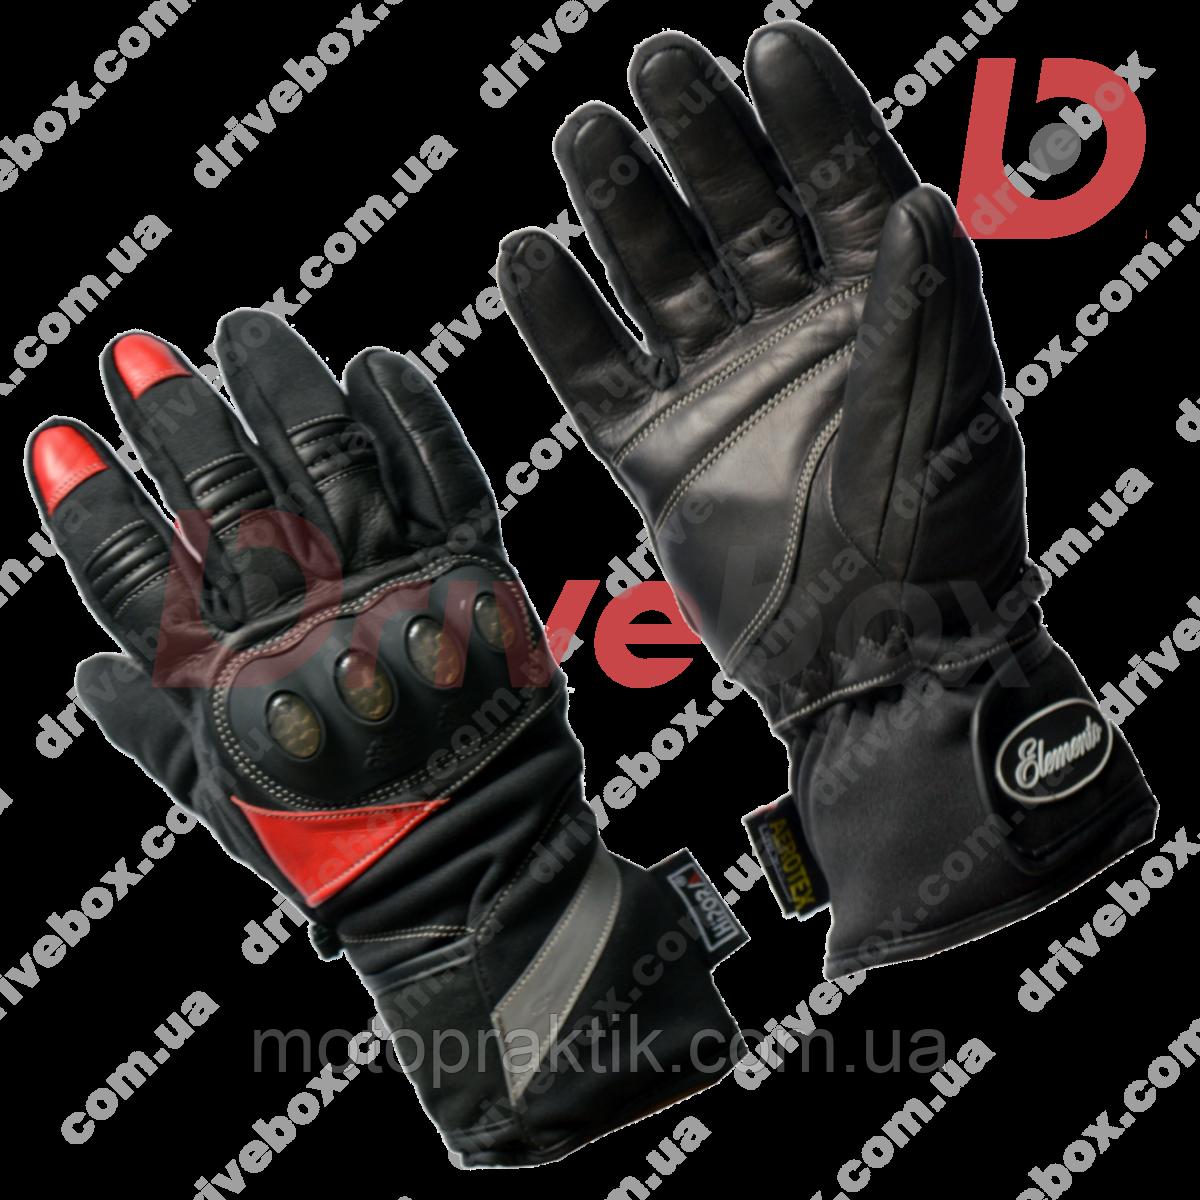 Elemento 177 Winter Gloves Blk/Red, L Мотоперчатки утеплені